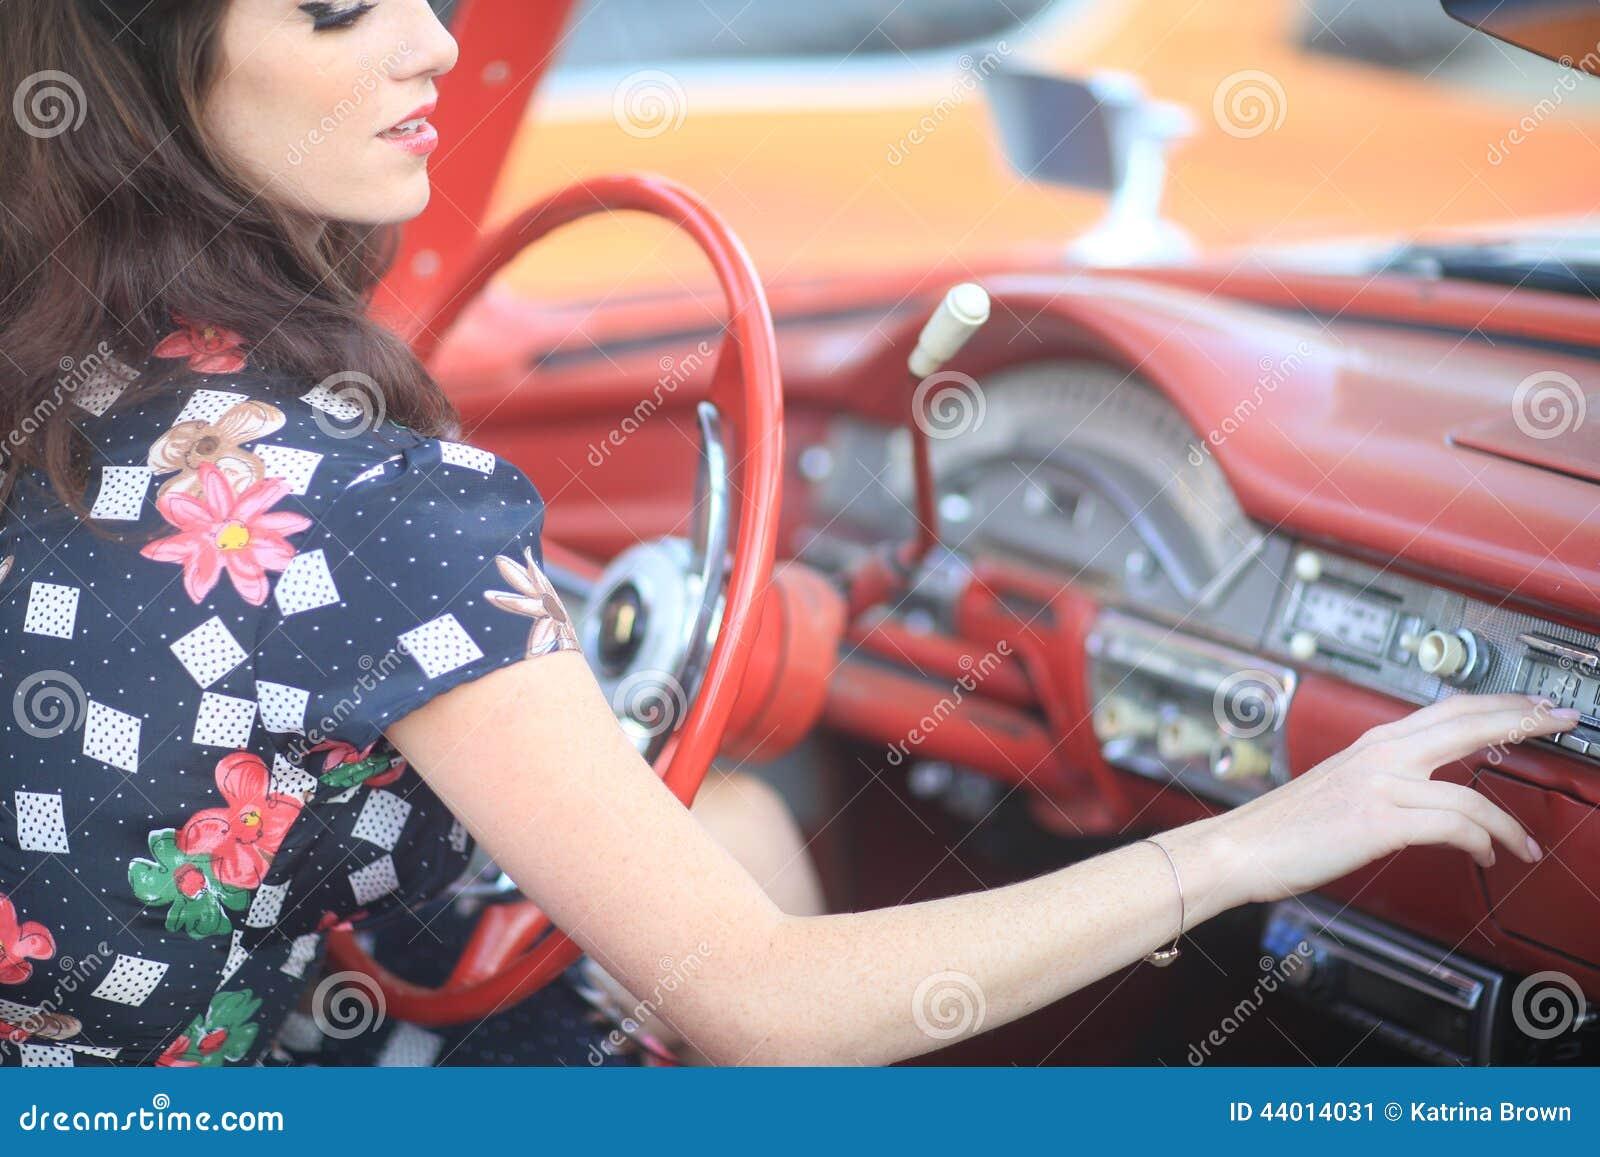 belle femme posant et et autour d 39 une voiture de vintage photo stock image 44014031. Black Bedroom Furniture Sets. Home Design Ideas